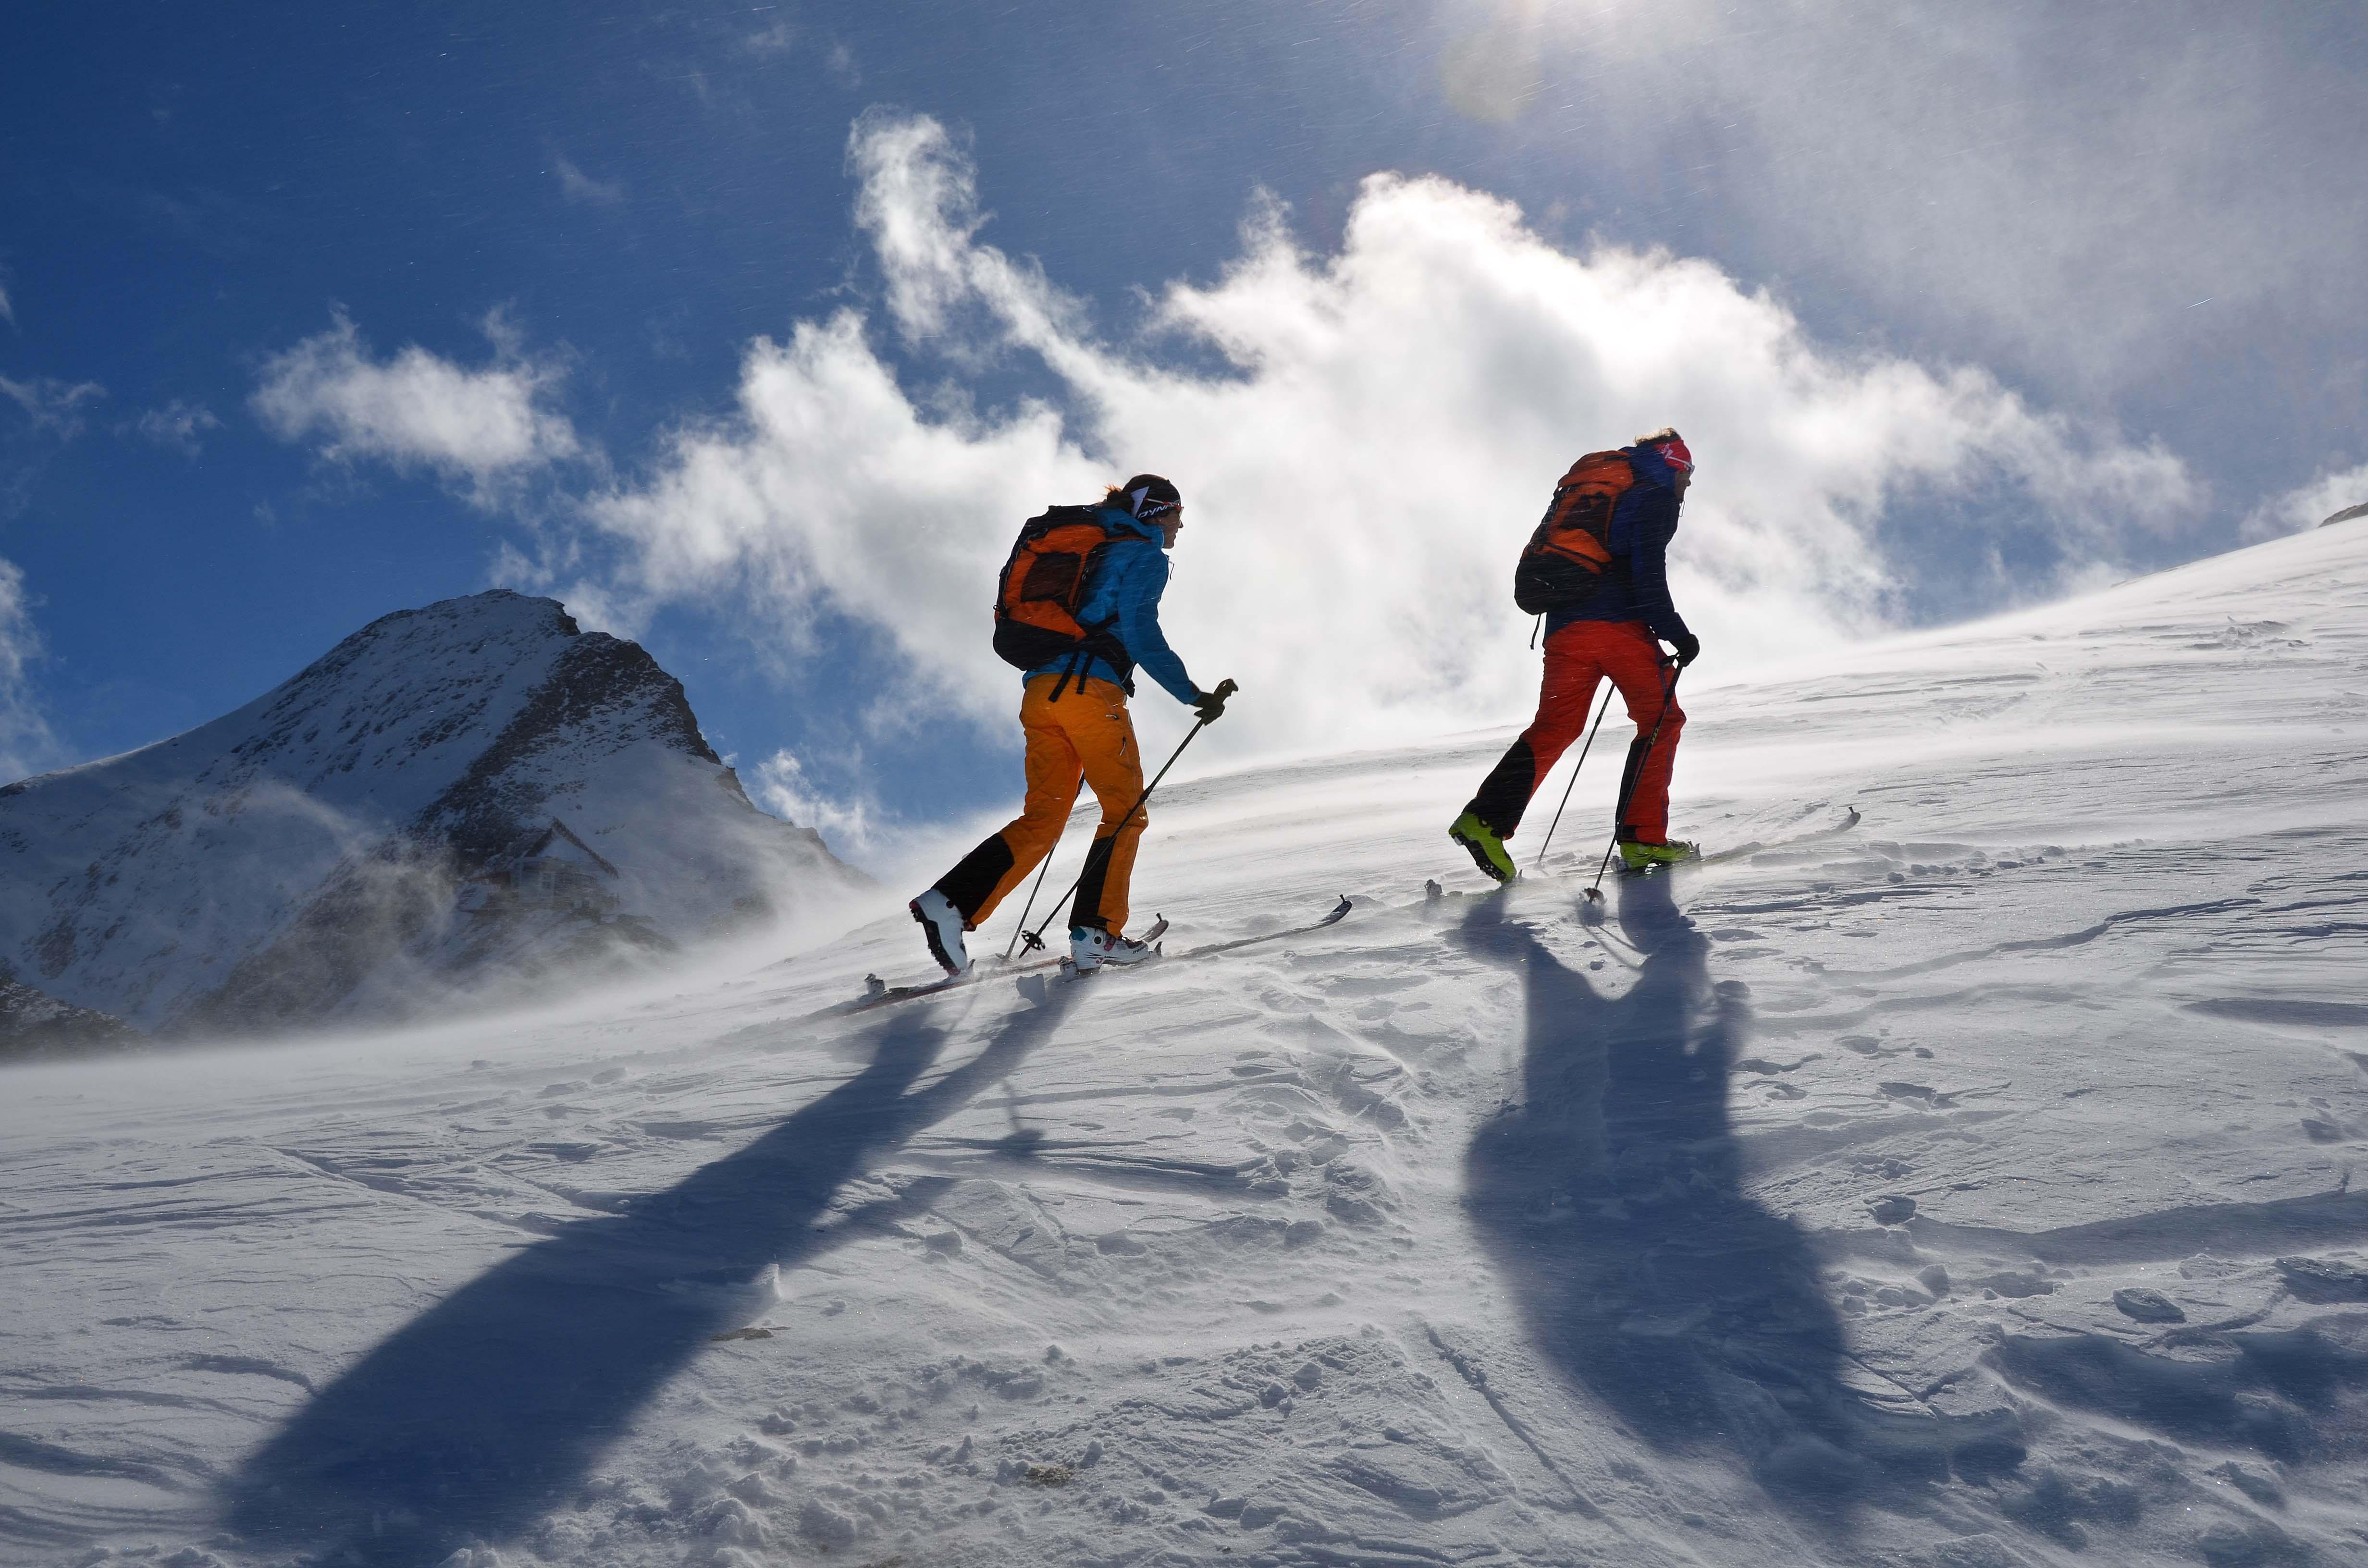 Skitourengehen – aufi geht`s zum Winter-Abenteuer in den Alpen